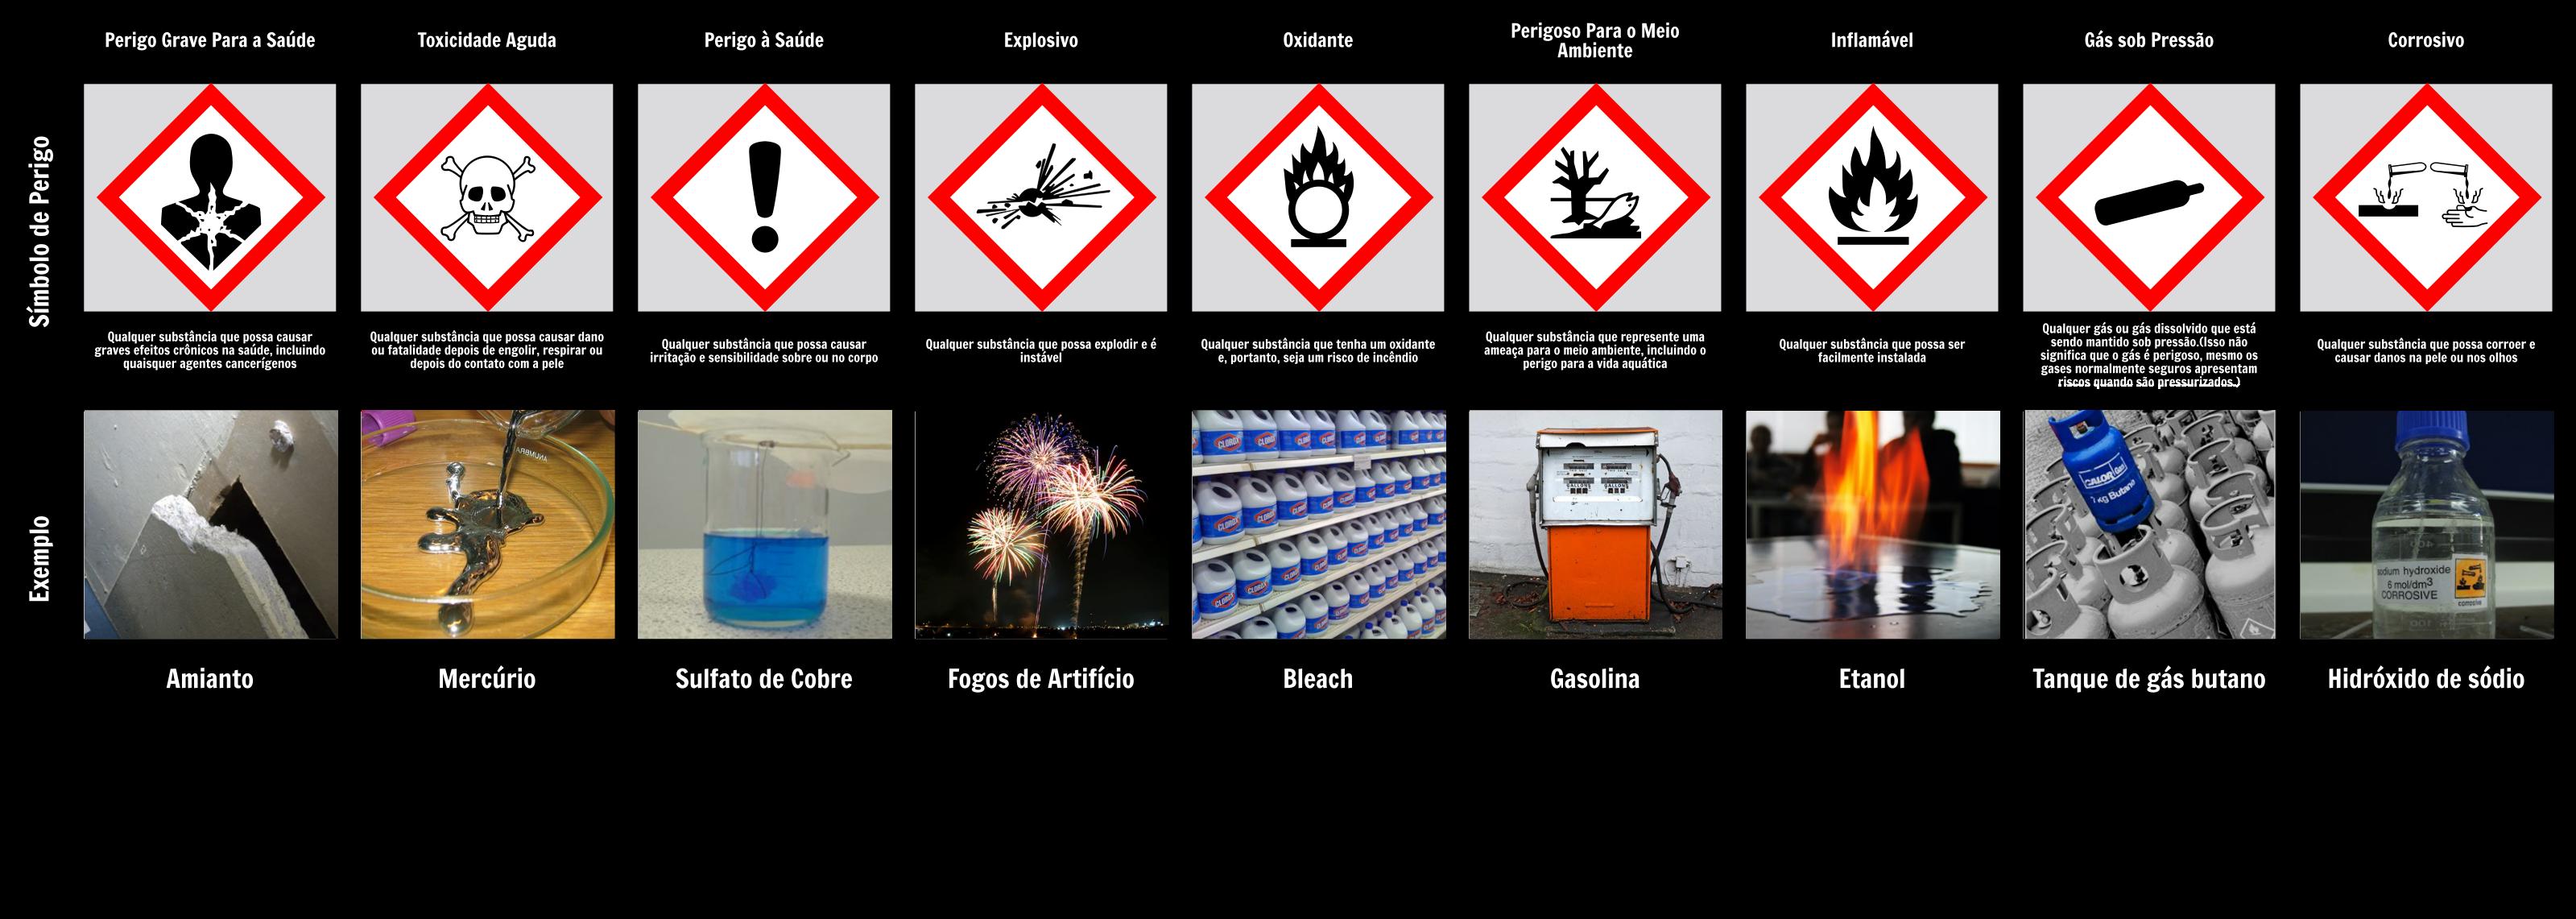 Gráfico de Símbolos de Perigo